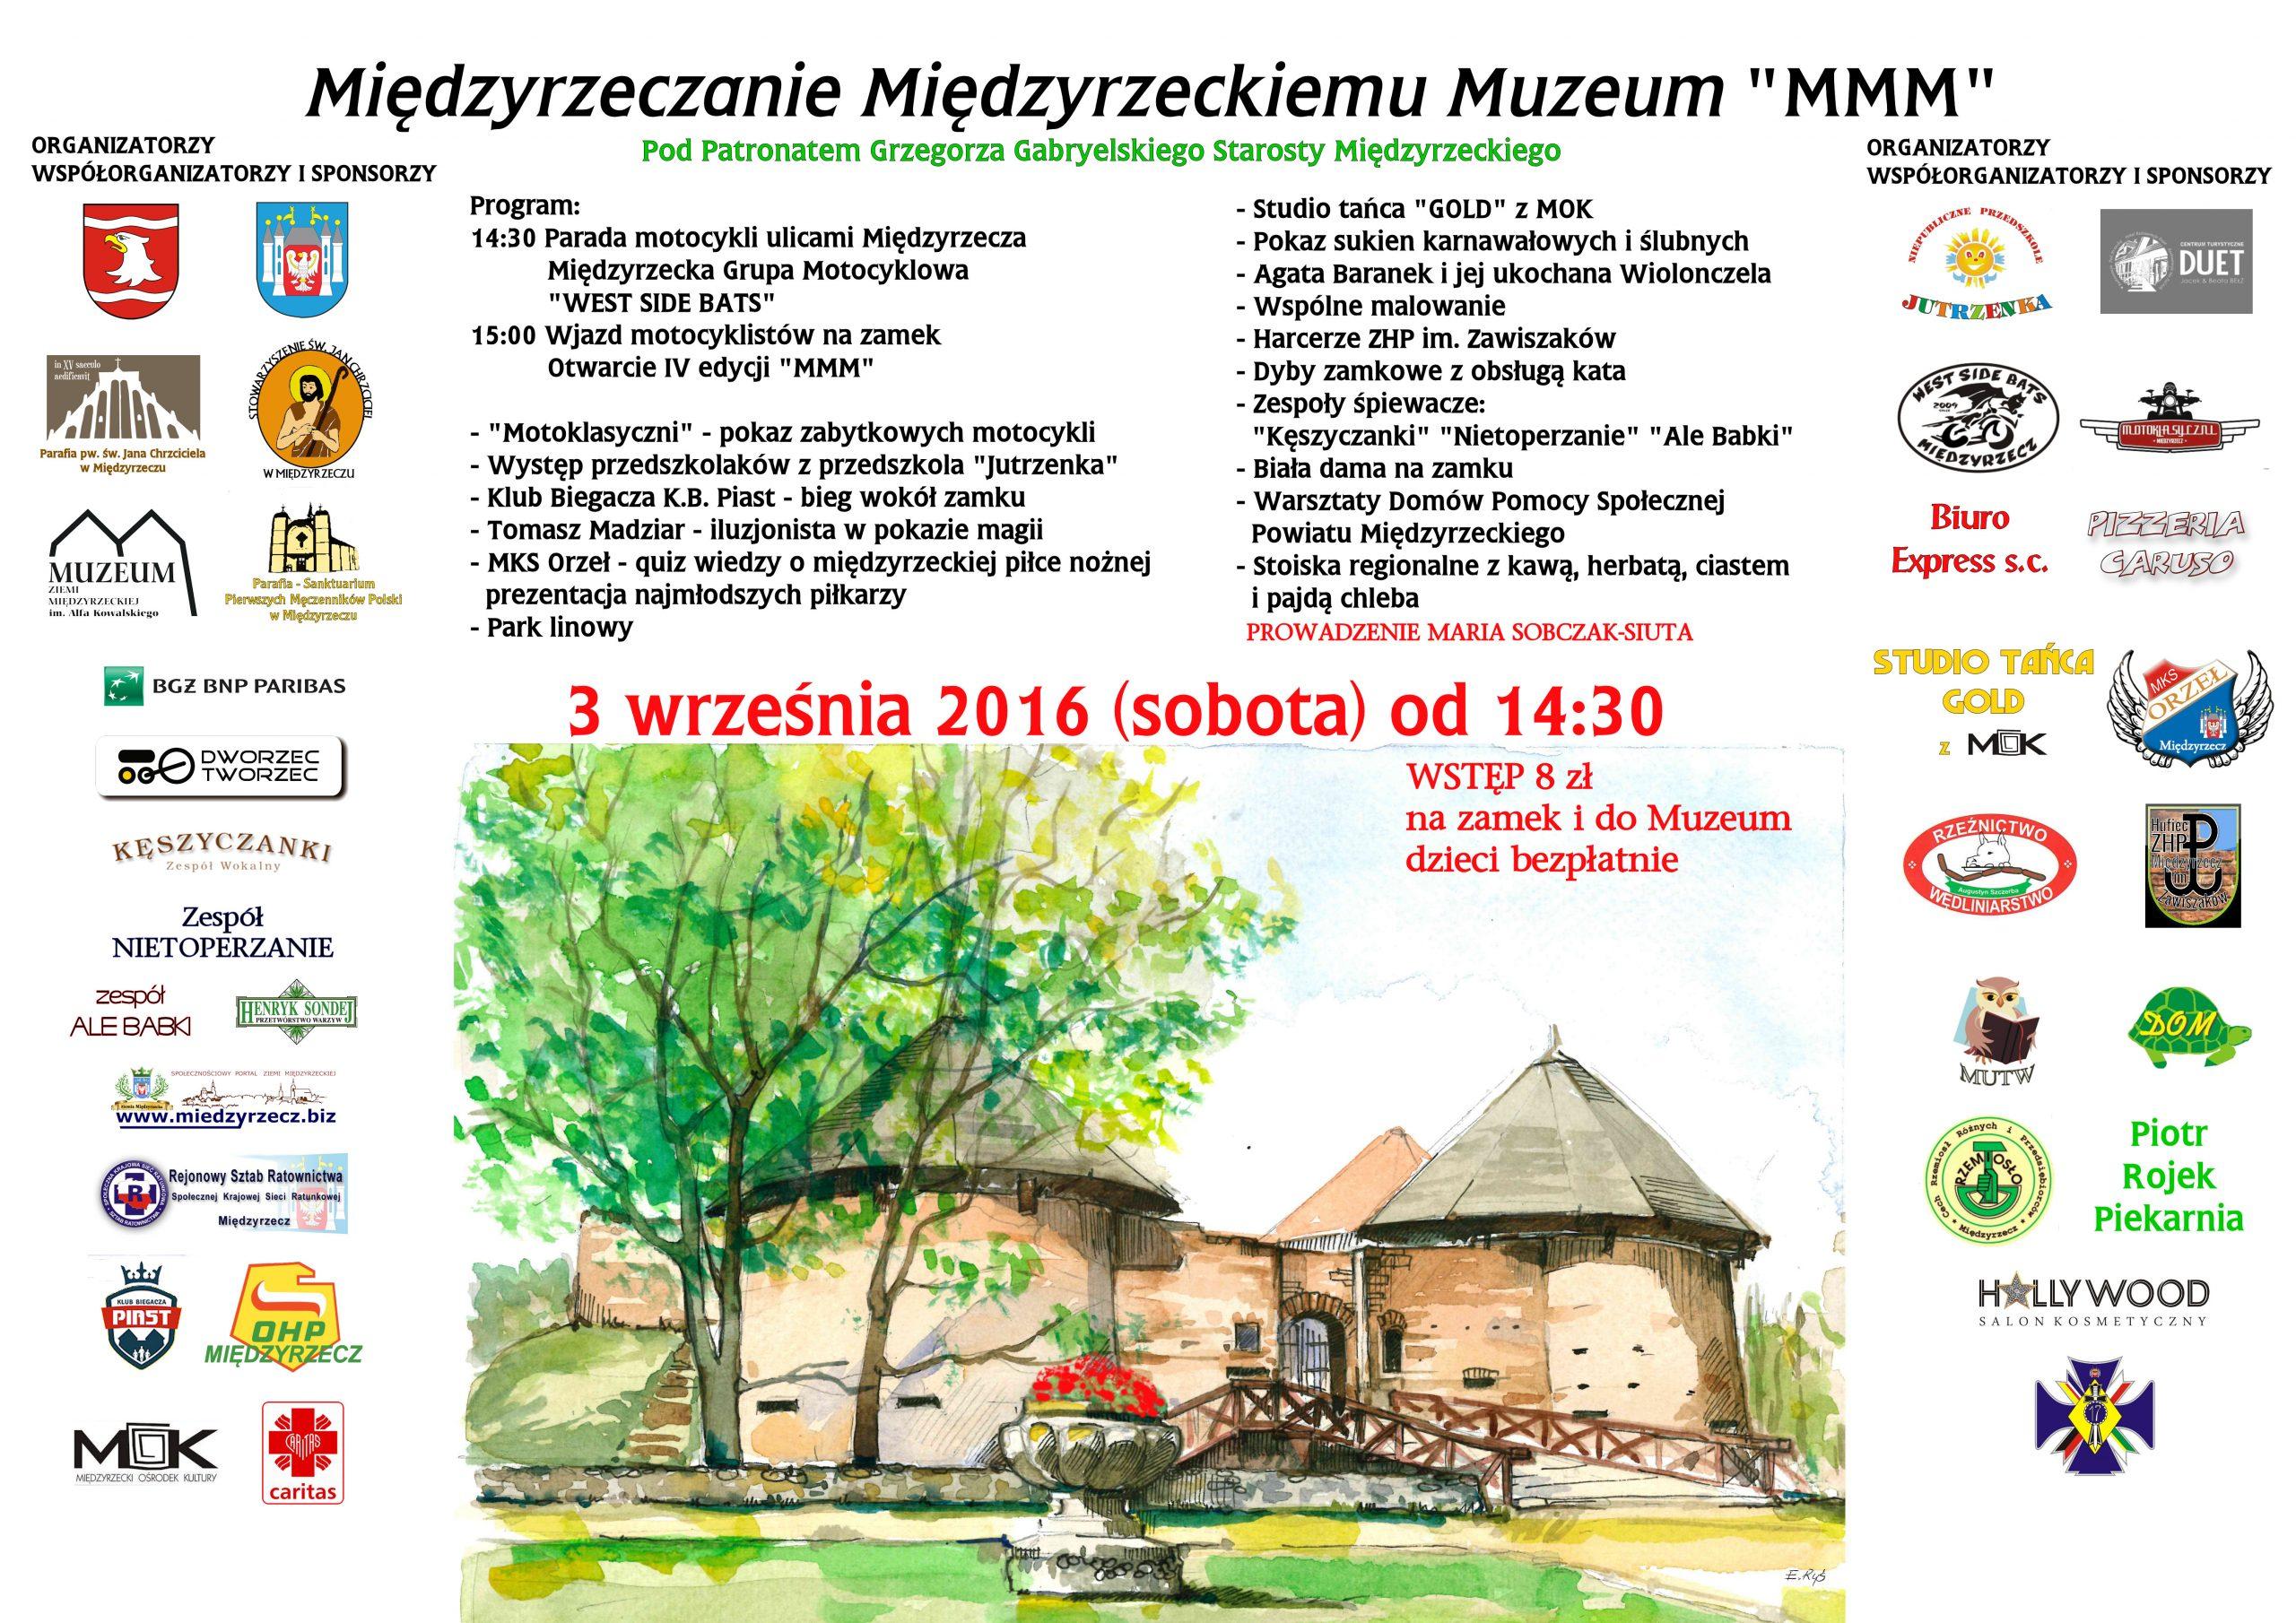 """3 września 2016 r. zapraszamy do Międzyrzecza na imprezę pn. Międzyrzeczanie Międzyrzeckiemu Muzeum """"MMM"""""""